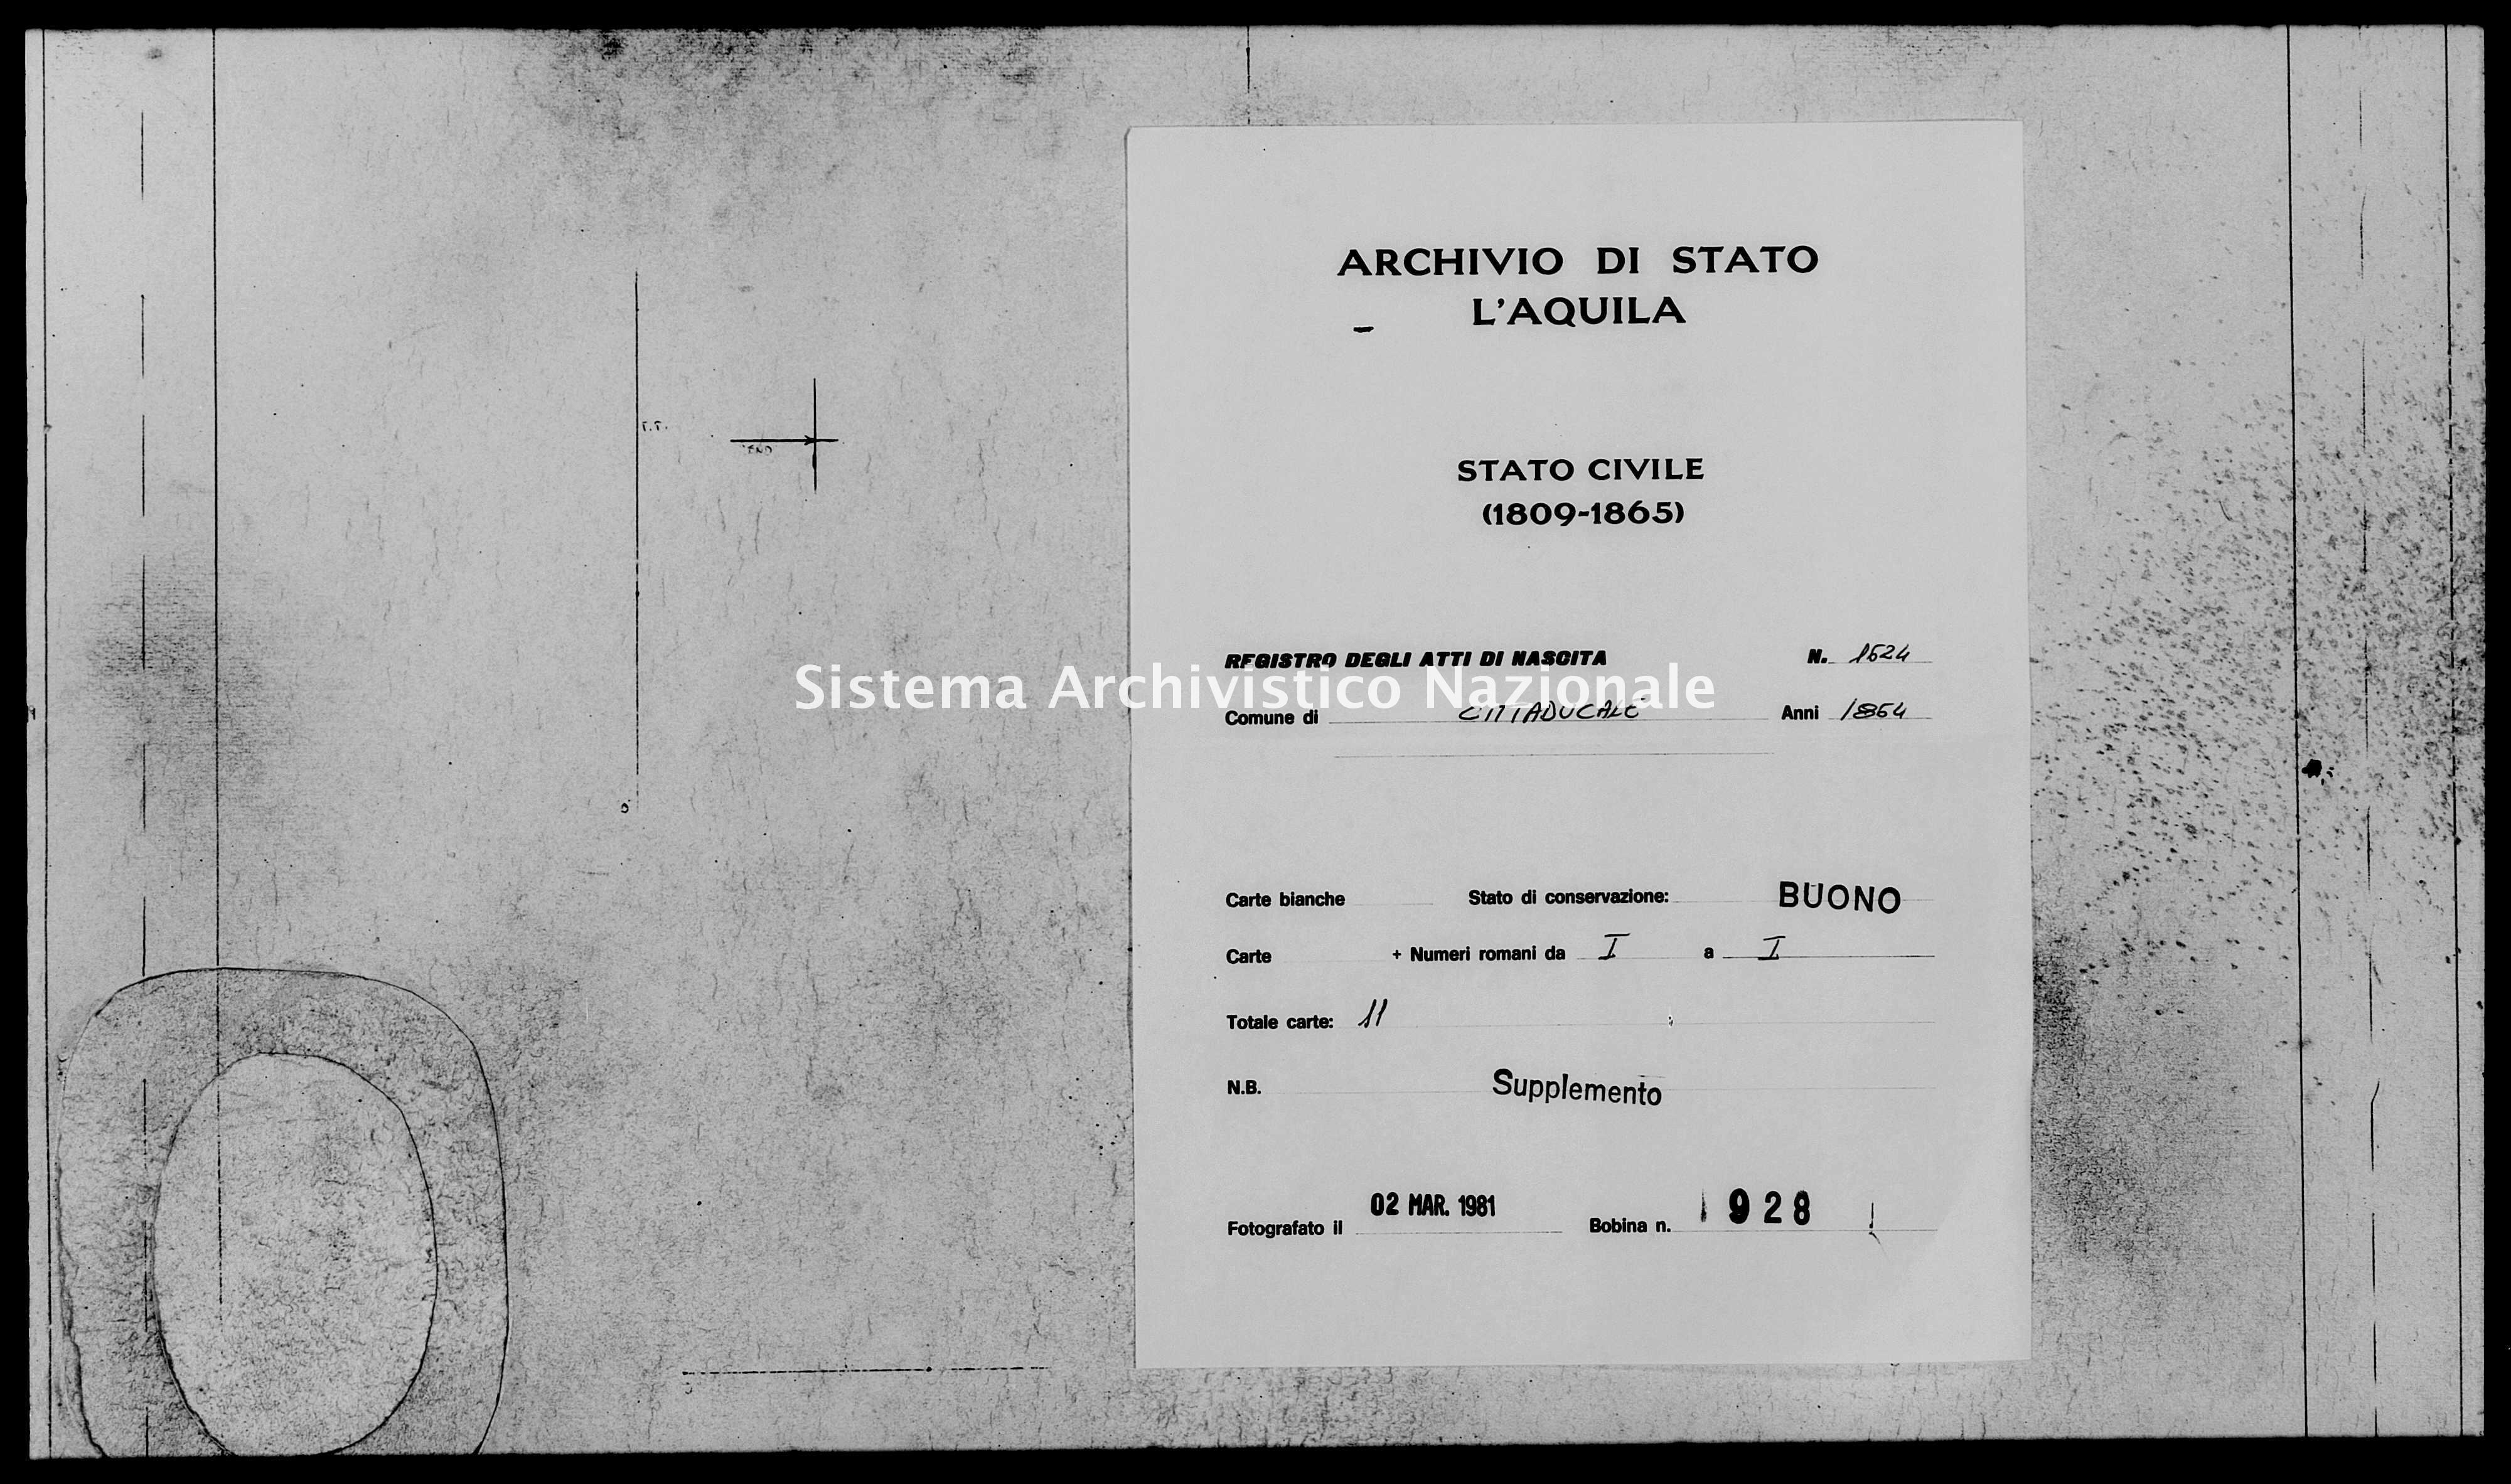 Archivio di stato di L'aquila - Stato civile italiano - Cittaducale - Nati, esposti - 1864 - 1624 -